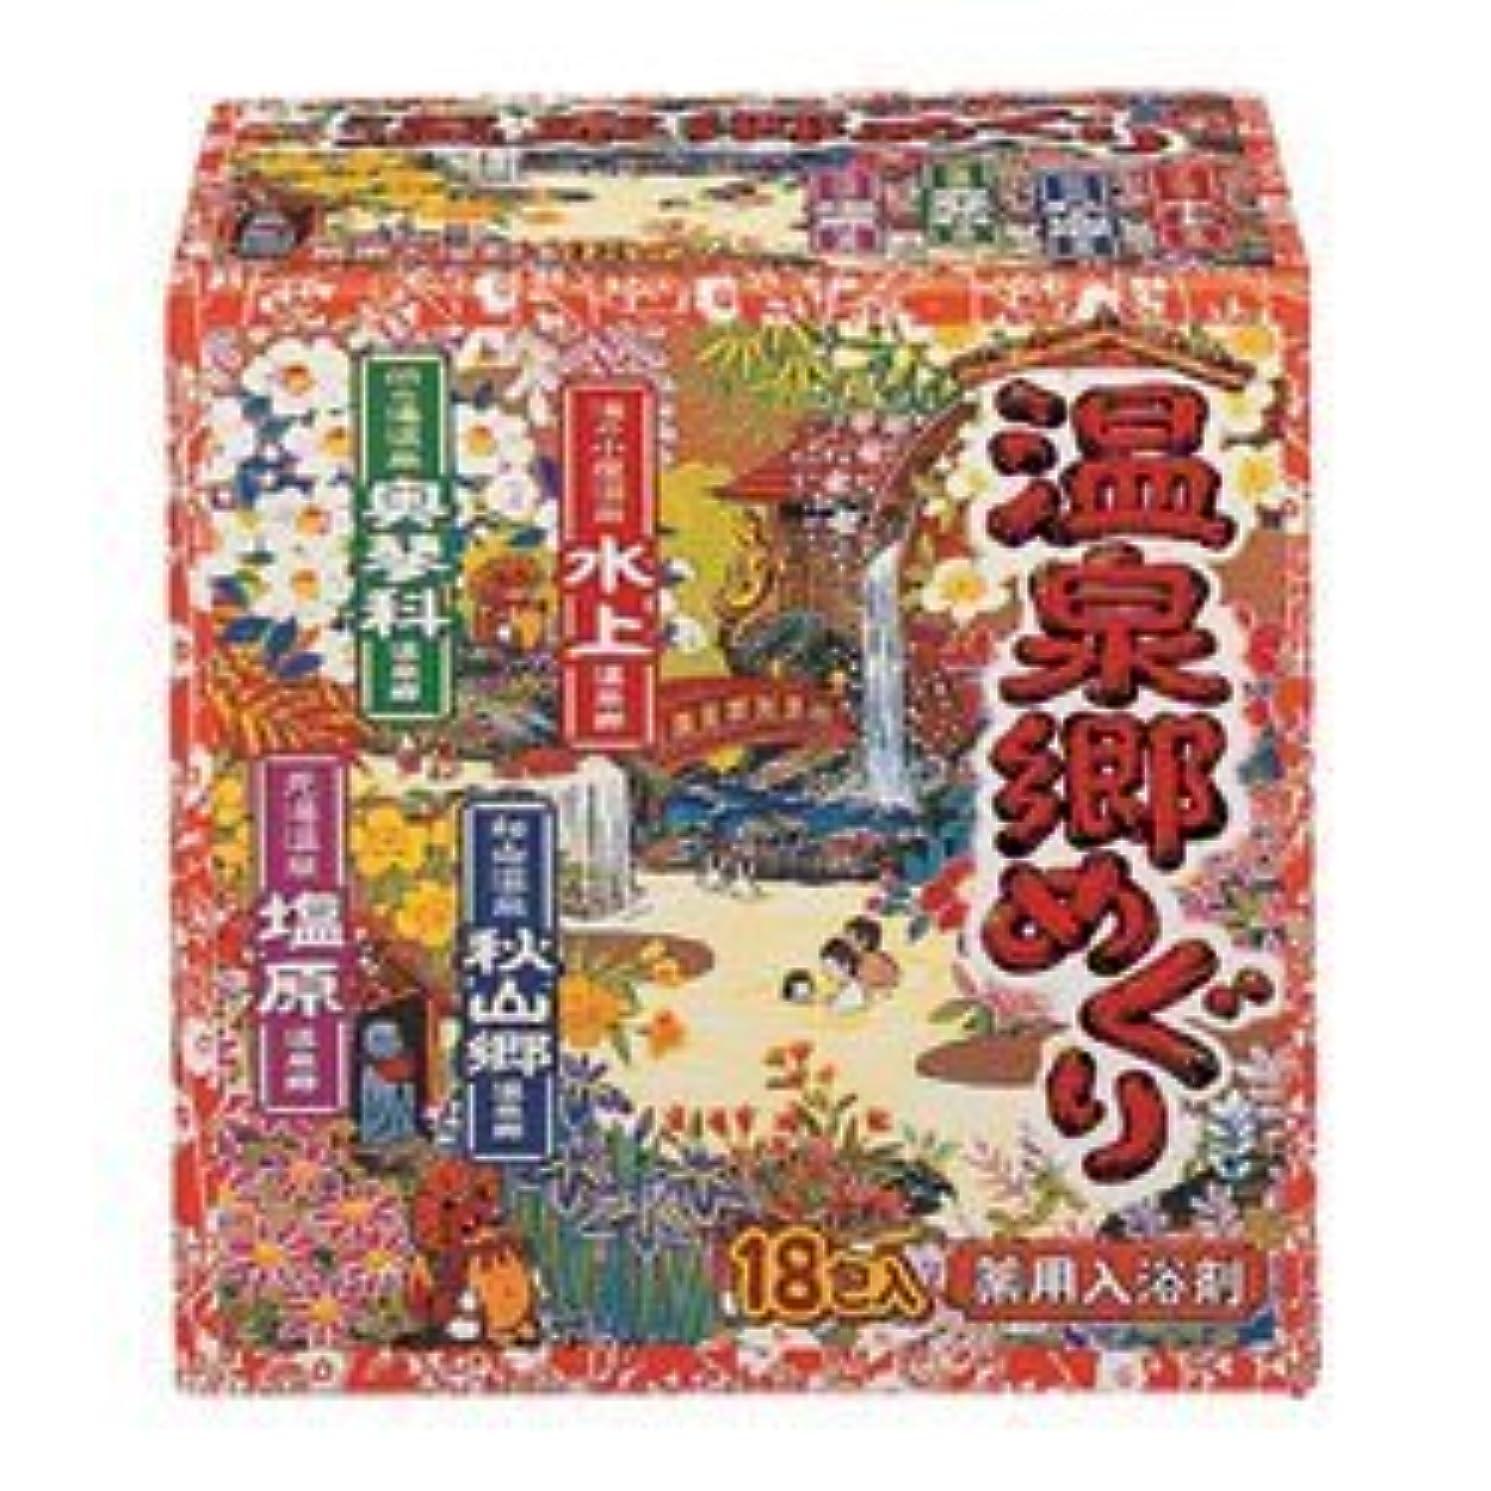 シードみなすブローホール【アース製薬】温泉郷めぐり 入浴剤 18包入 ×5個セット